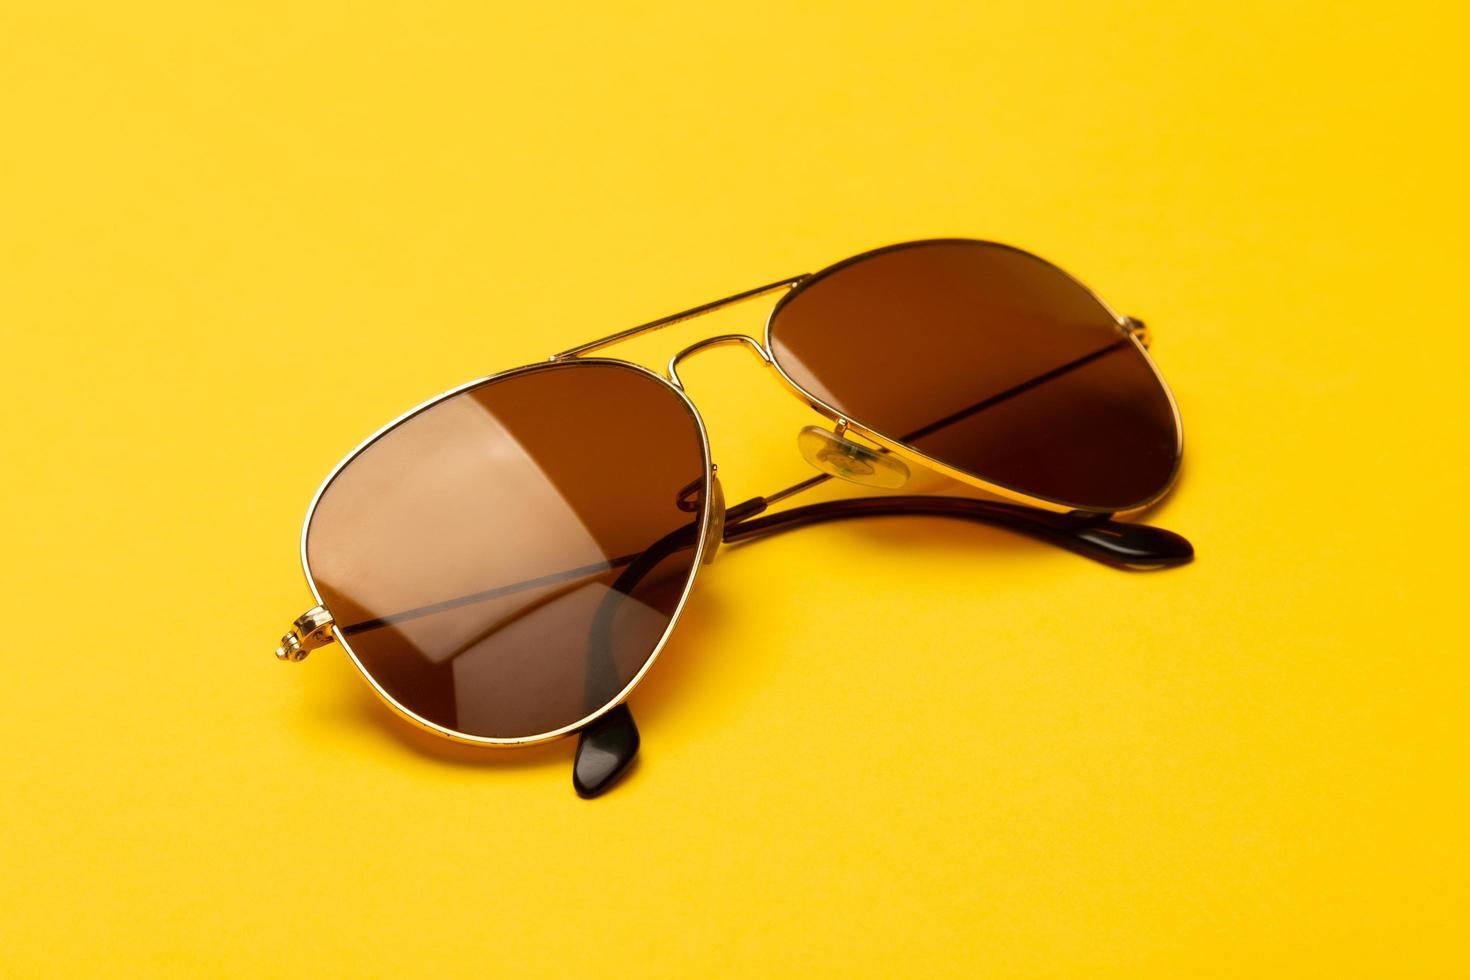 occhiali da sole aviatore su sfondo giallo foto